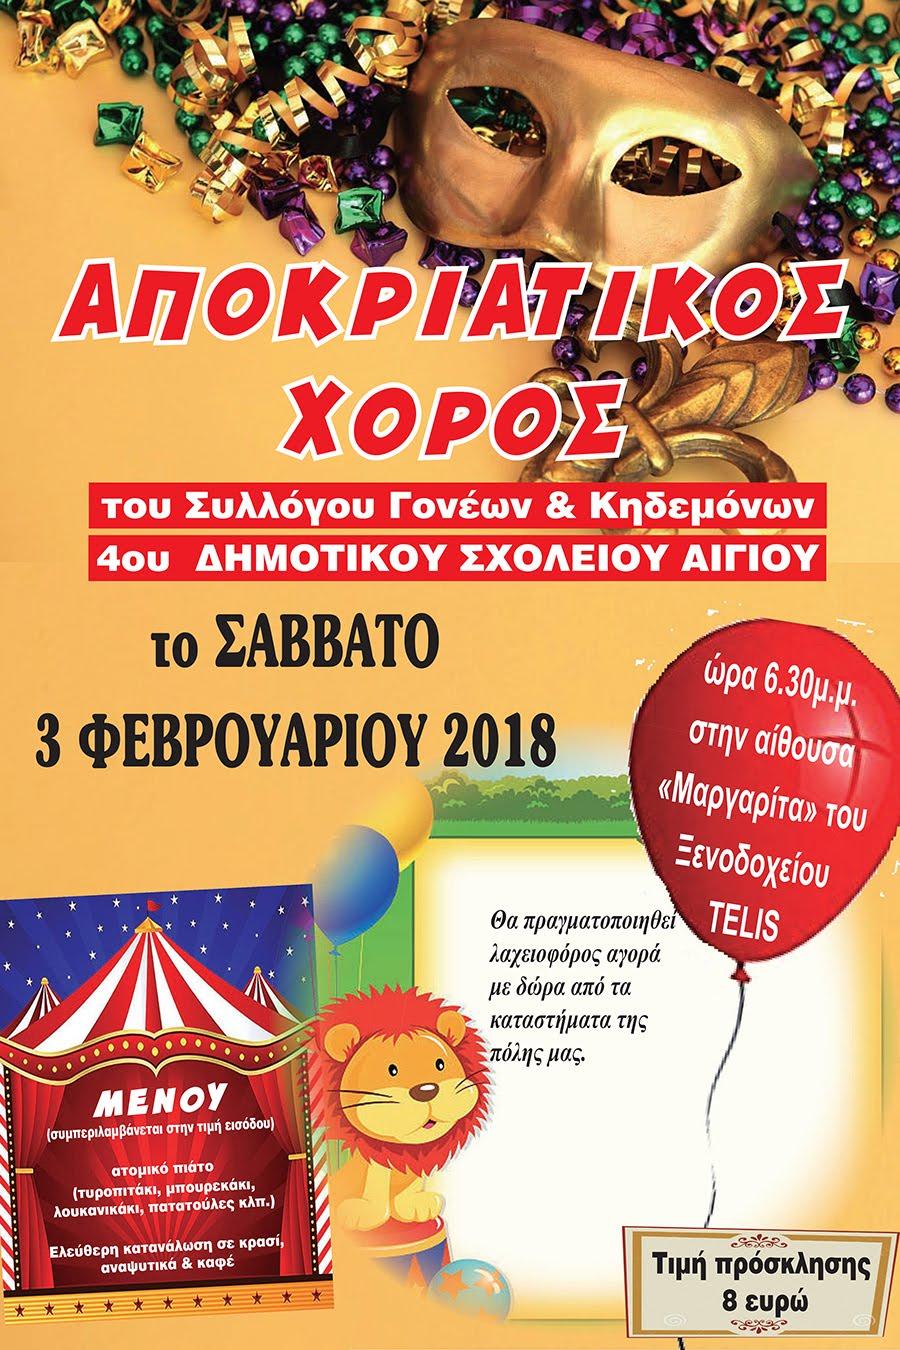 ΑΠΟΚΡΙΑΤΙΚΟΣ ΧΟΡΟΣ 2018